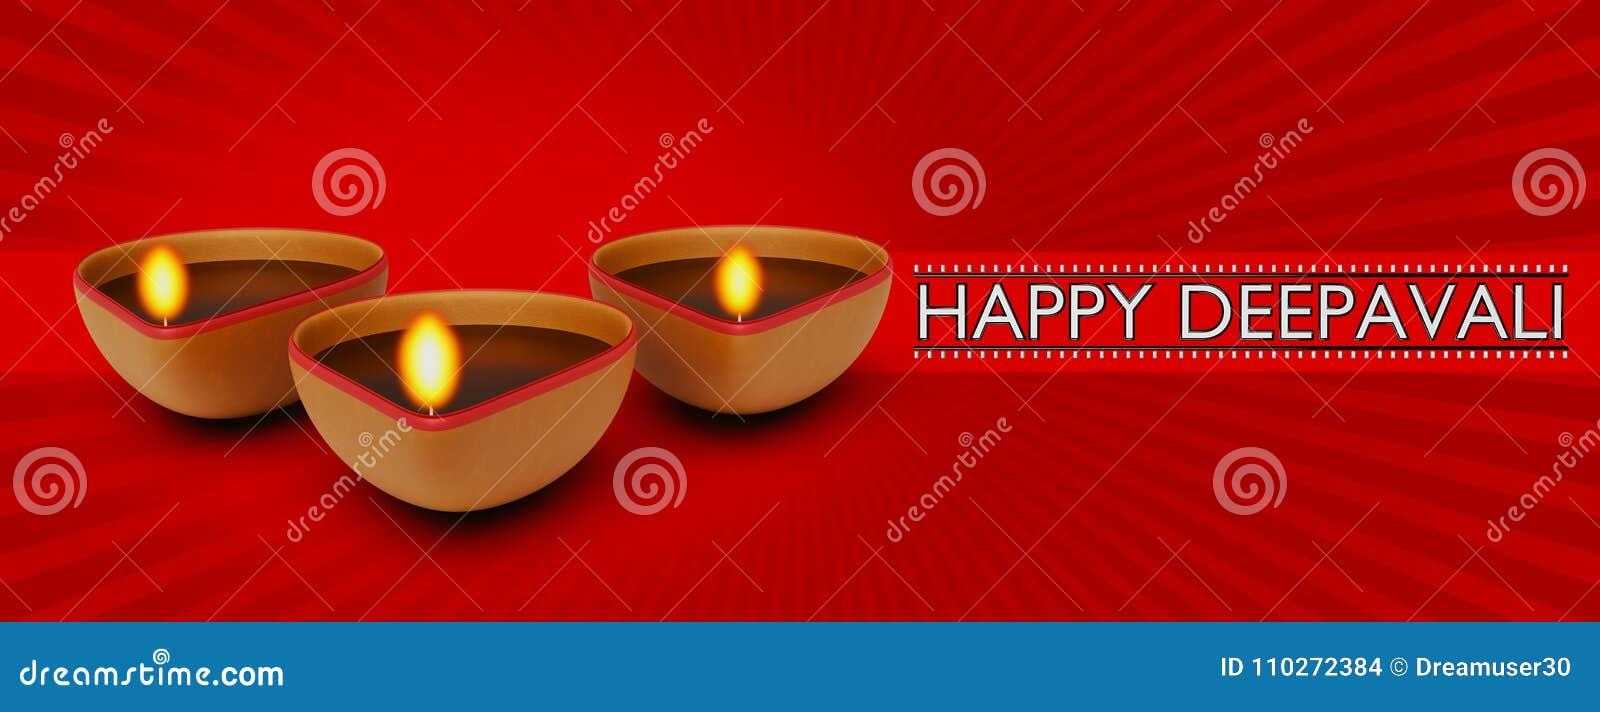 Happy deepavali greetings 3d rendering stock illustration happy deepavali greetings 3d rendering m4hsunfo